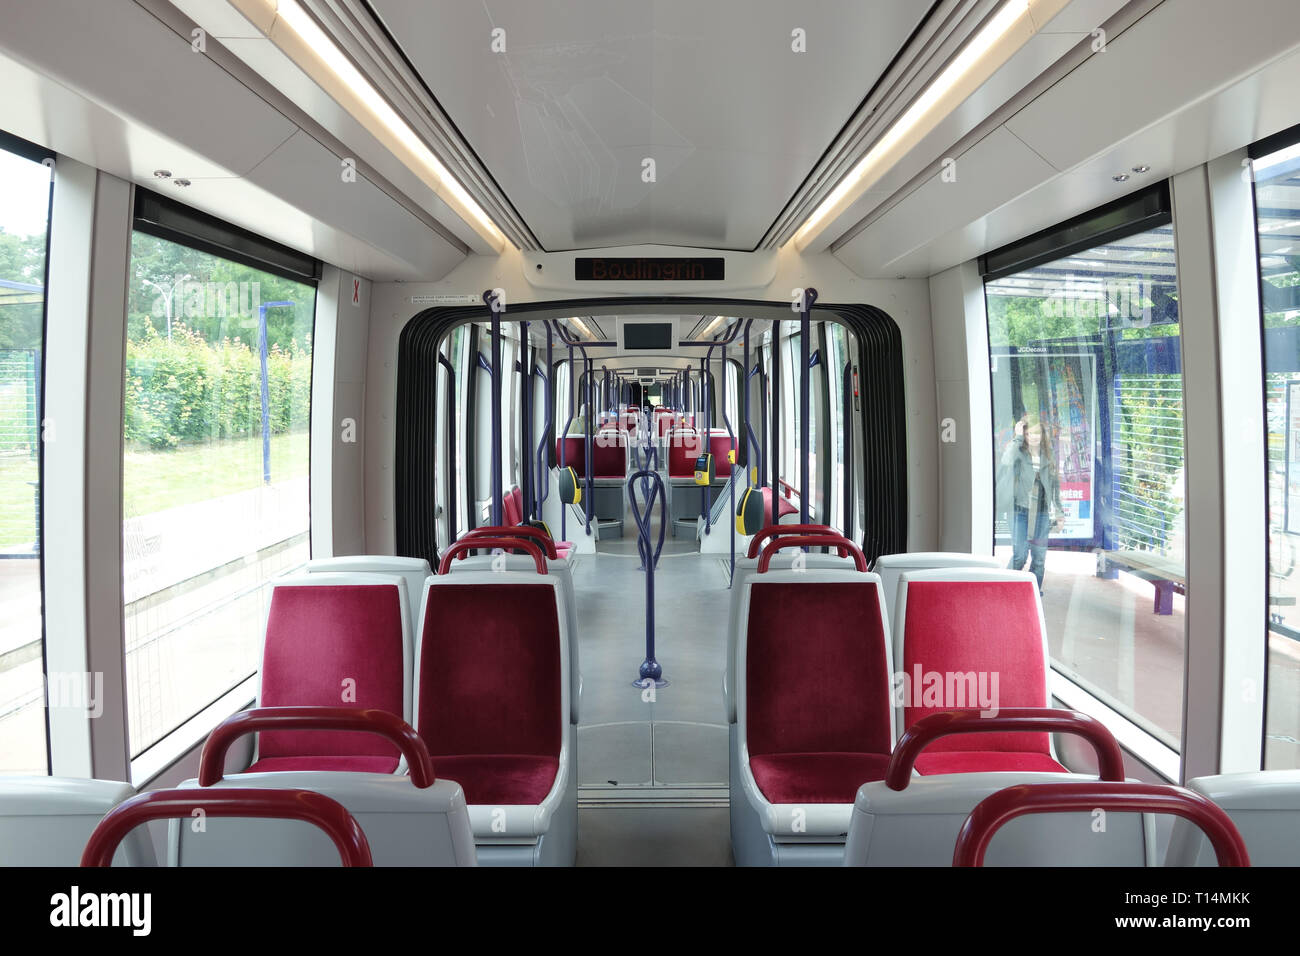 Rouen, Tramway - Stock Image